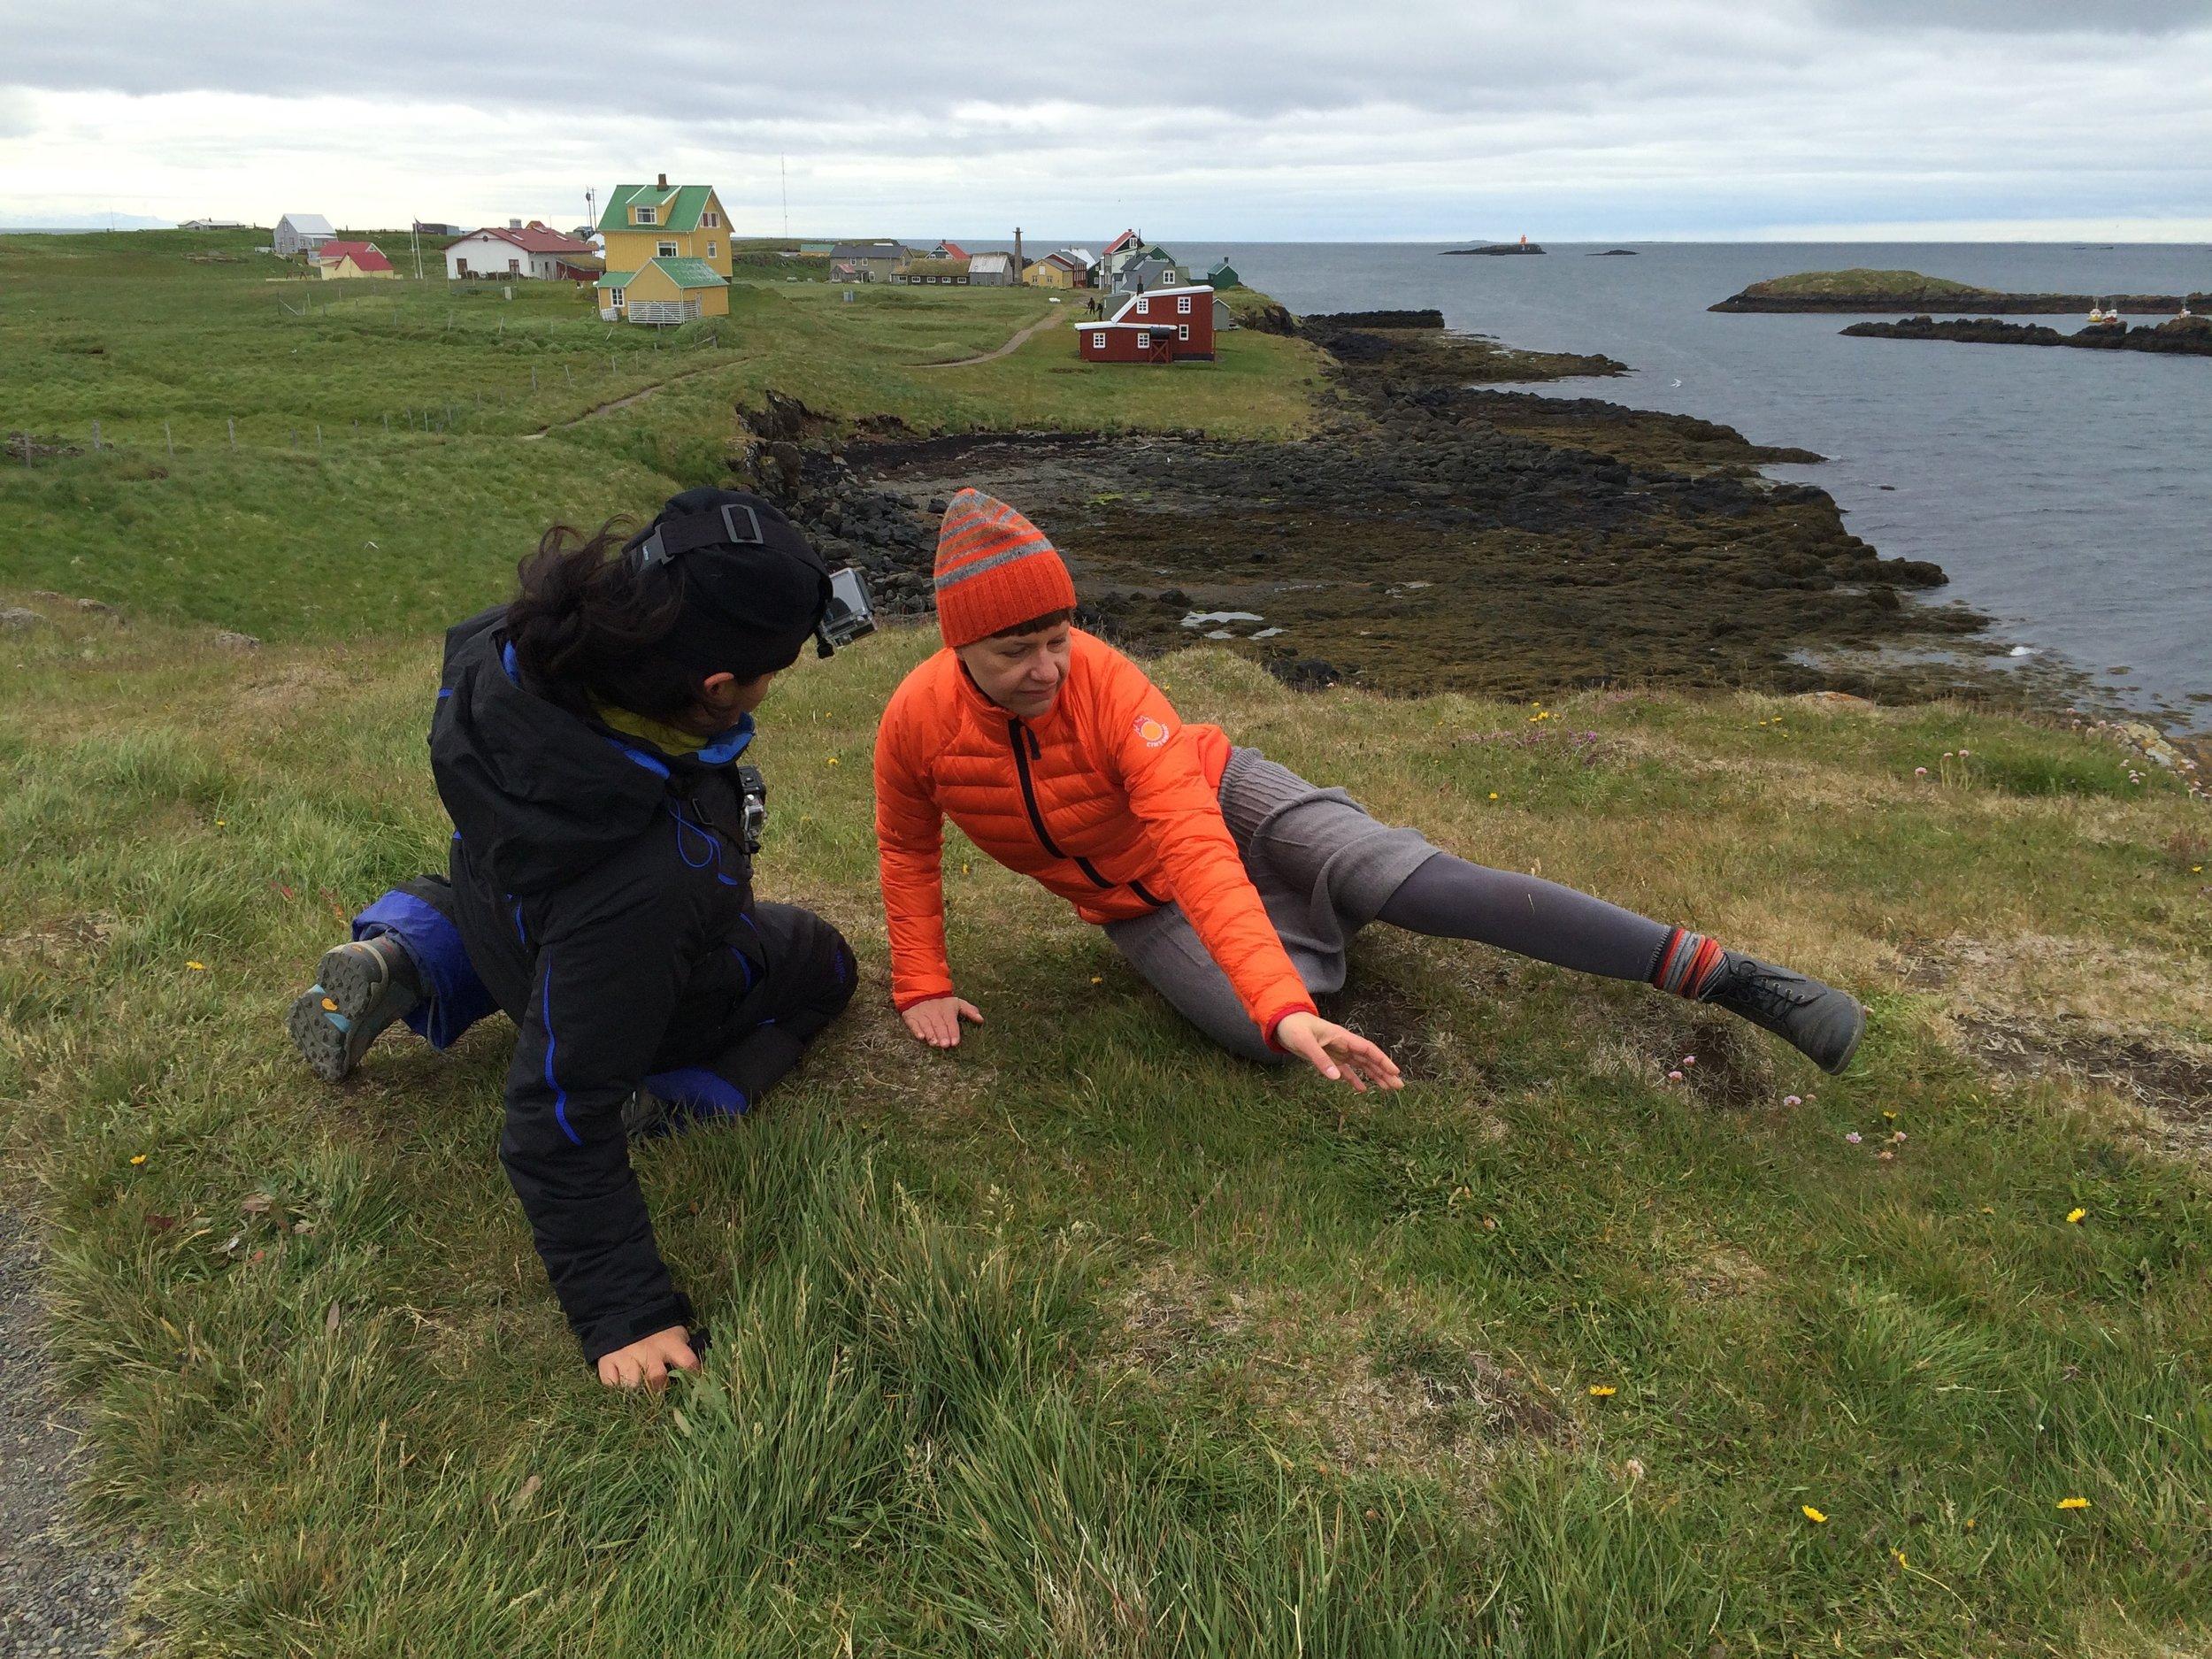 Ana Baer Carrillo and  Heike Salzer  in Flatey, Iceland filming  WECreateIce,  2016. Homepage: Ana Baer Carrillo and Heike Salzer at Jökulsárlón, in Iceland filming  WECreateIce , 2016. Images:  Ingi Jensson .